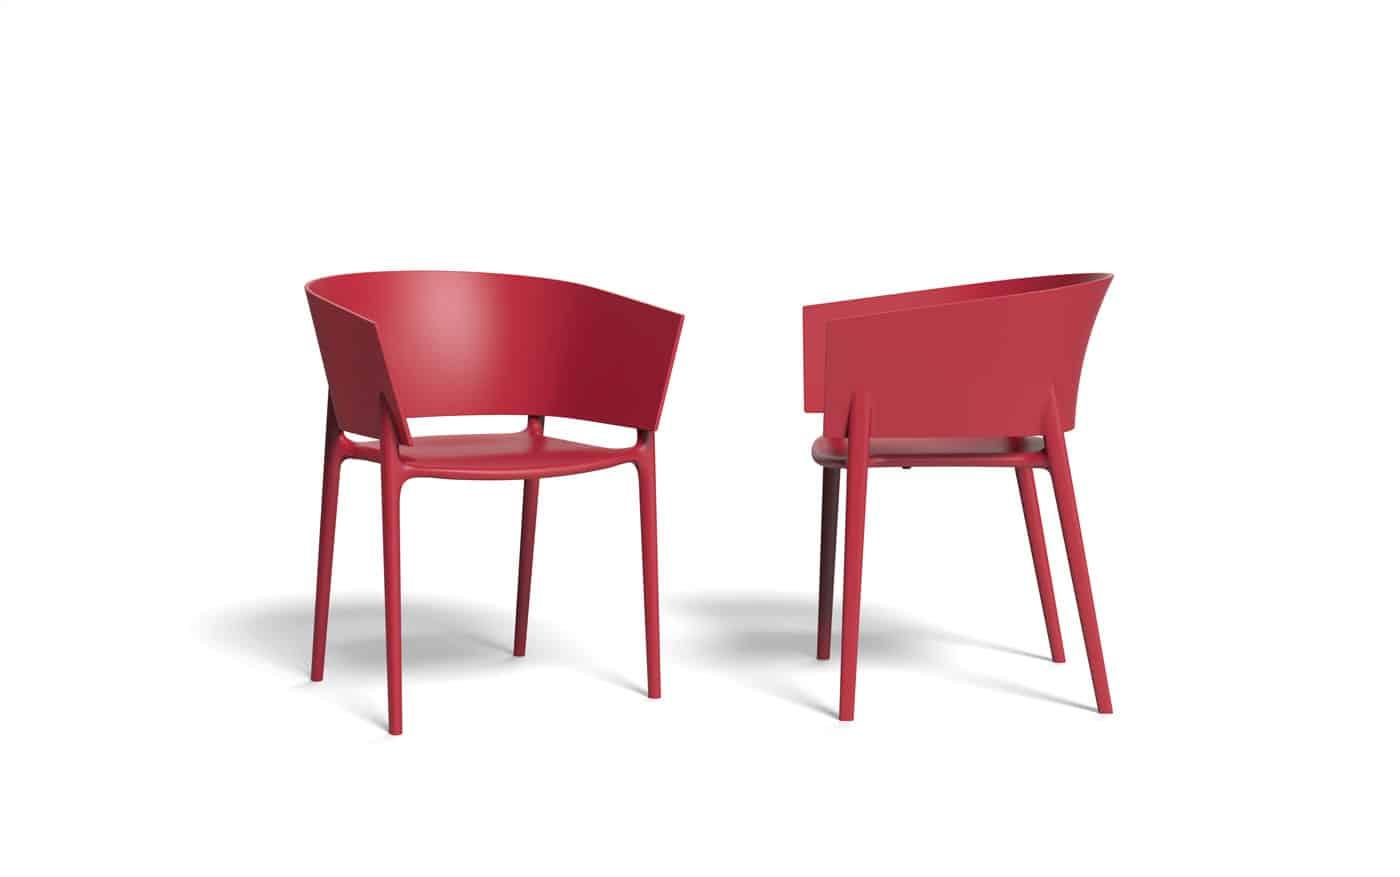 gartenmoebel g nstig kaufen. Black Bedroom Furniture Sets. Home Design Ideas